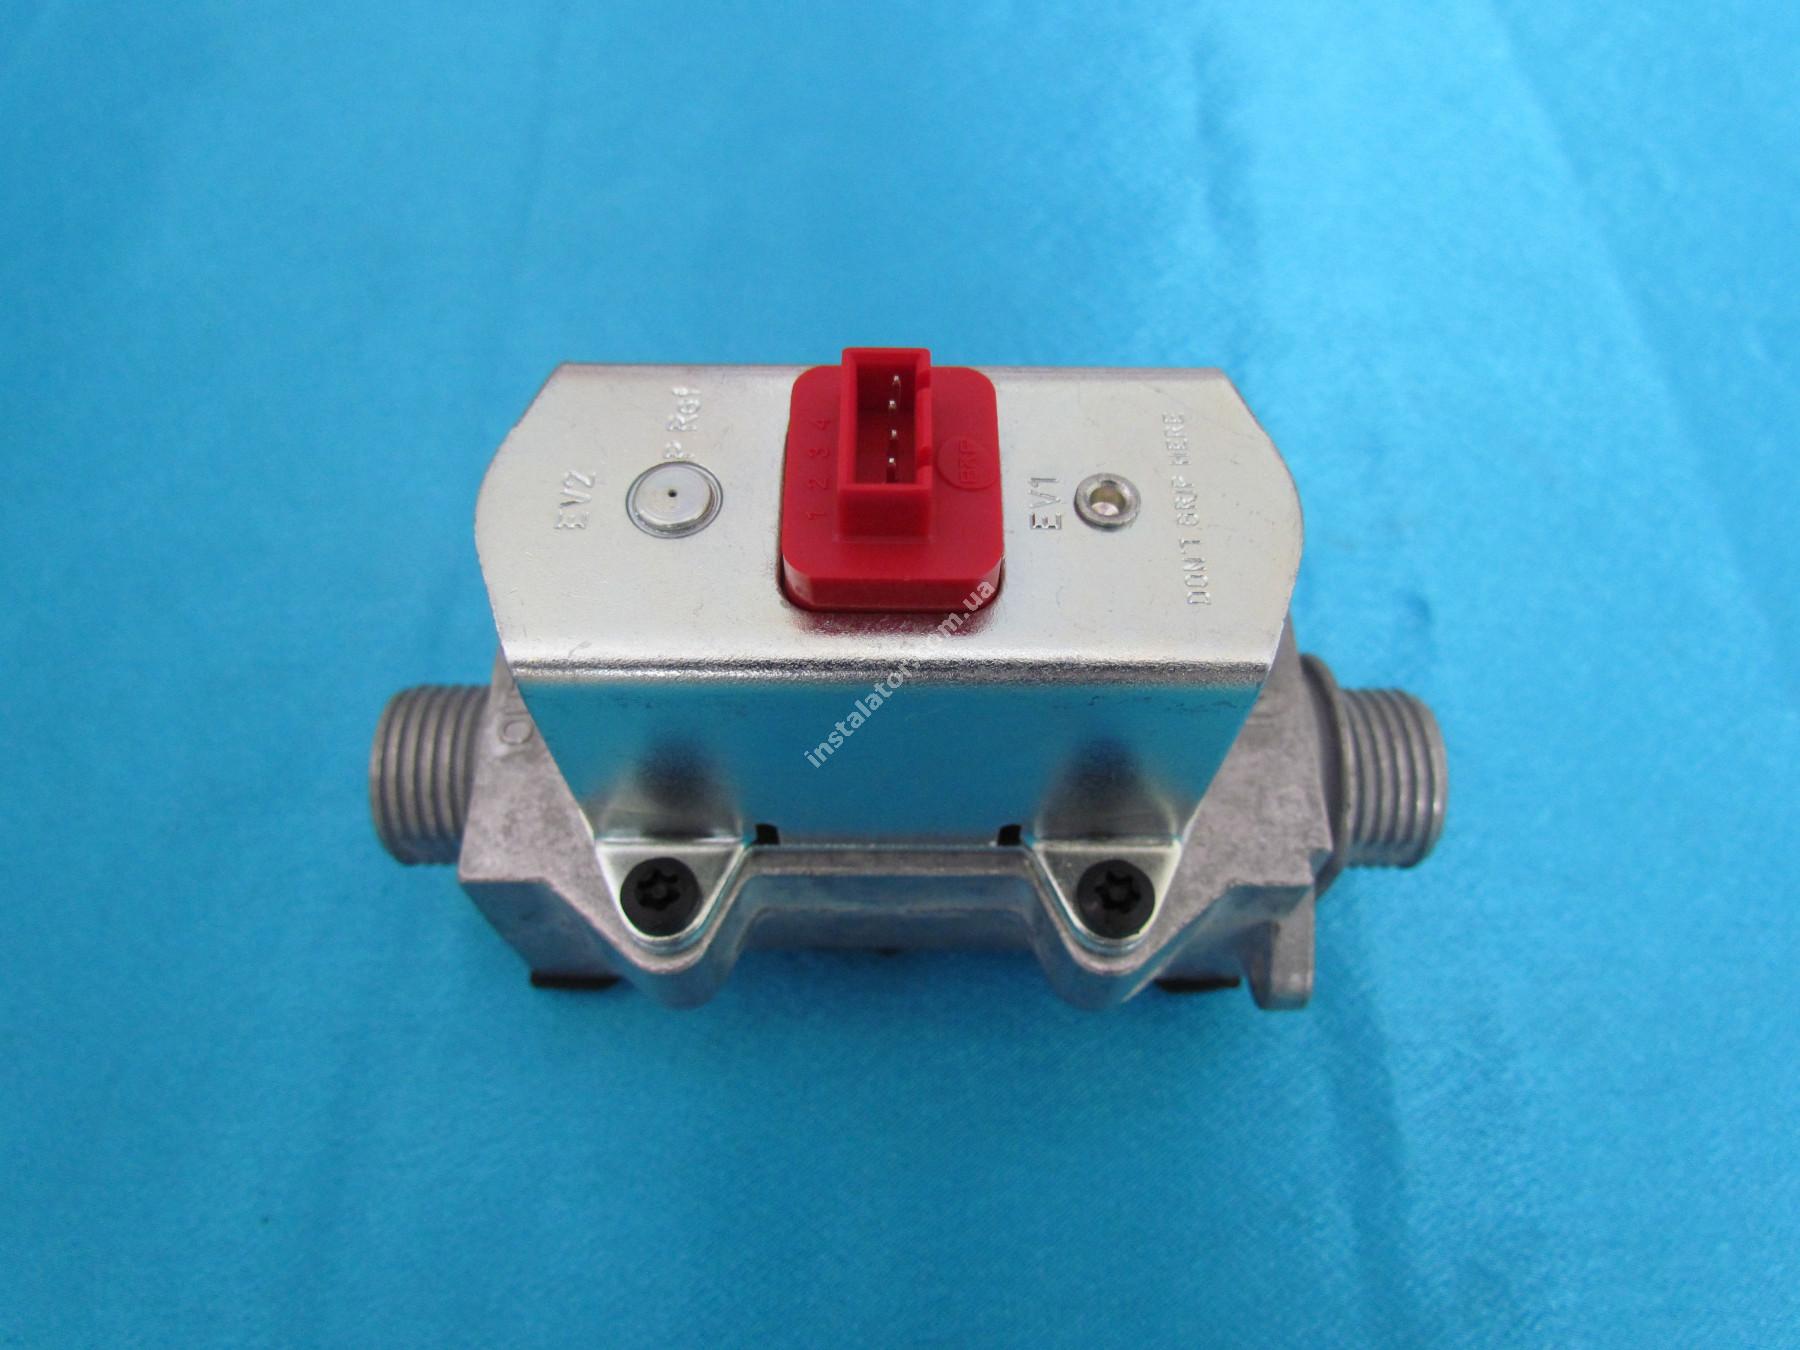 39841320 Газовий клапан Ferroli Domiproject D, Domitech D, FerEasy D 24-32 кВт. full-image-3